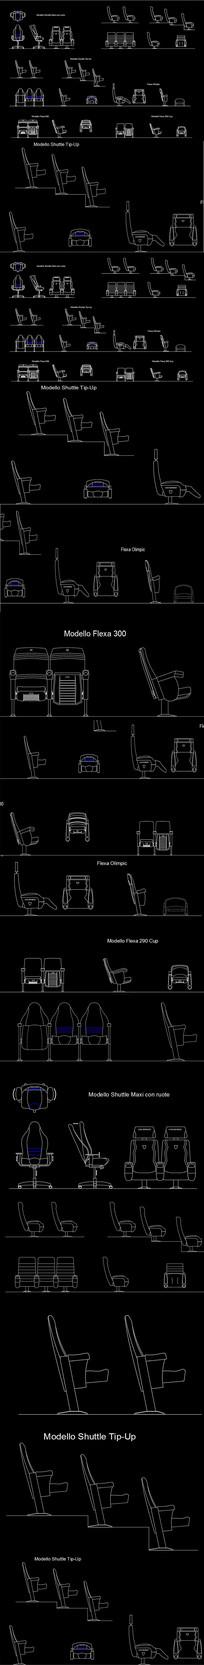 电影院阶梯教室椅子CAD图块